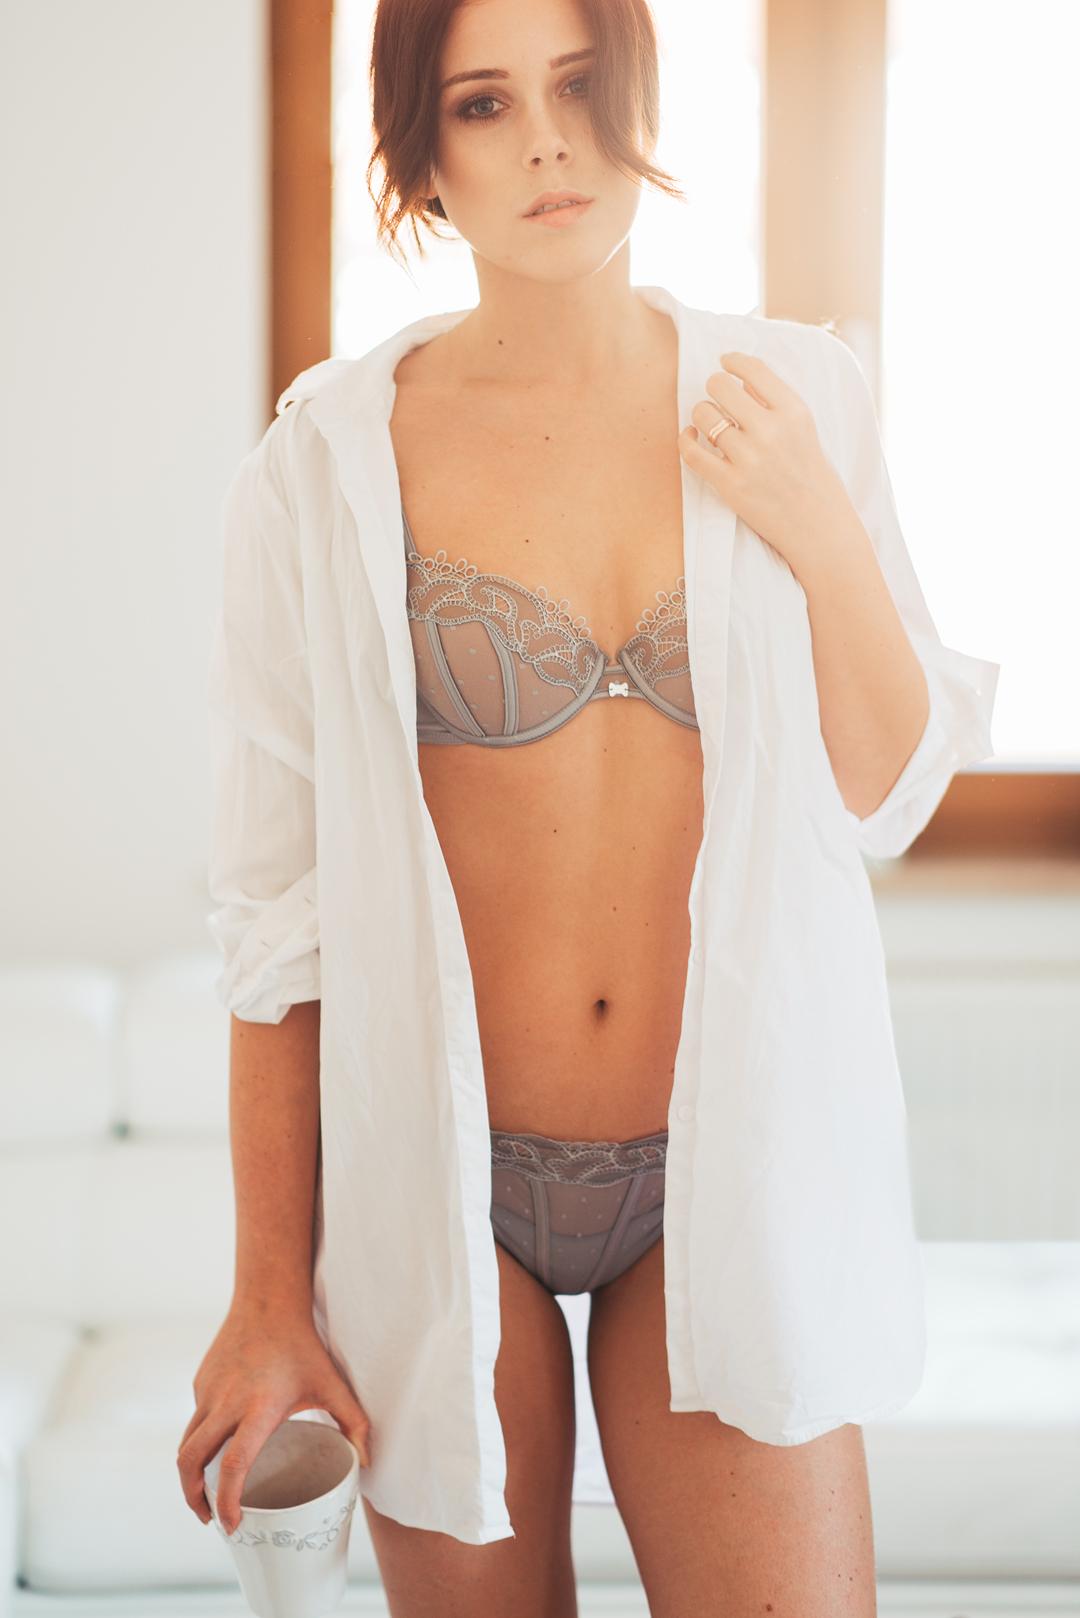 eva-ahacevcic_love-eva_daretodream_lisca_spodnje-perilo_lingerie-5